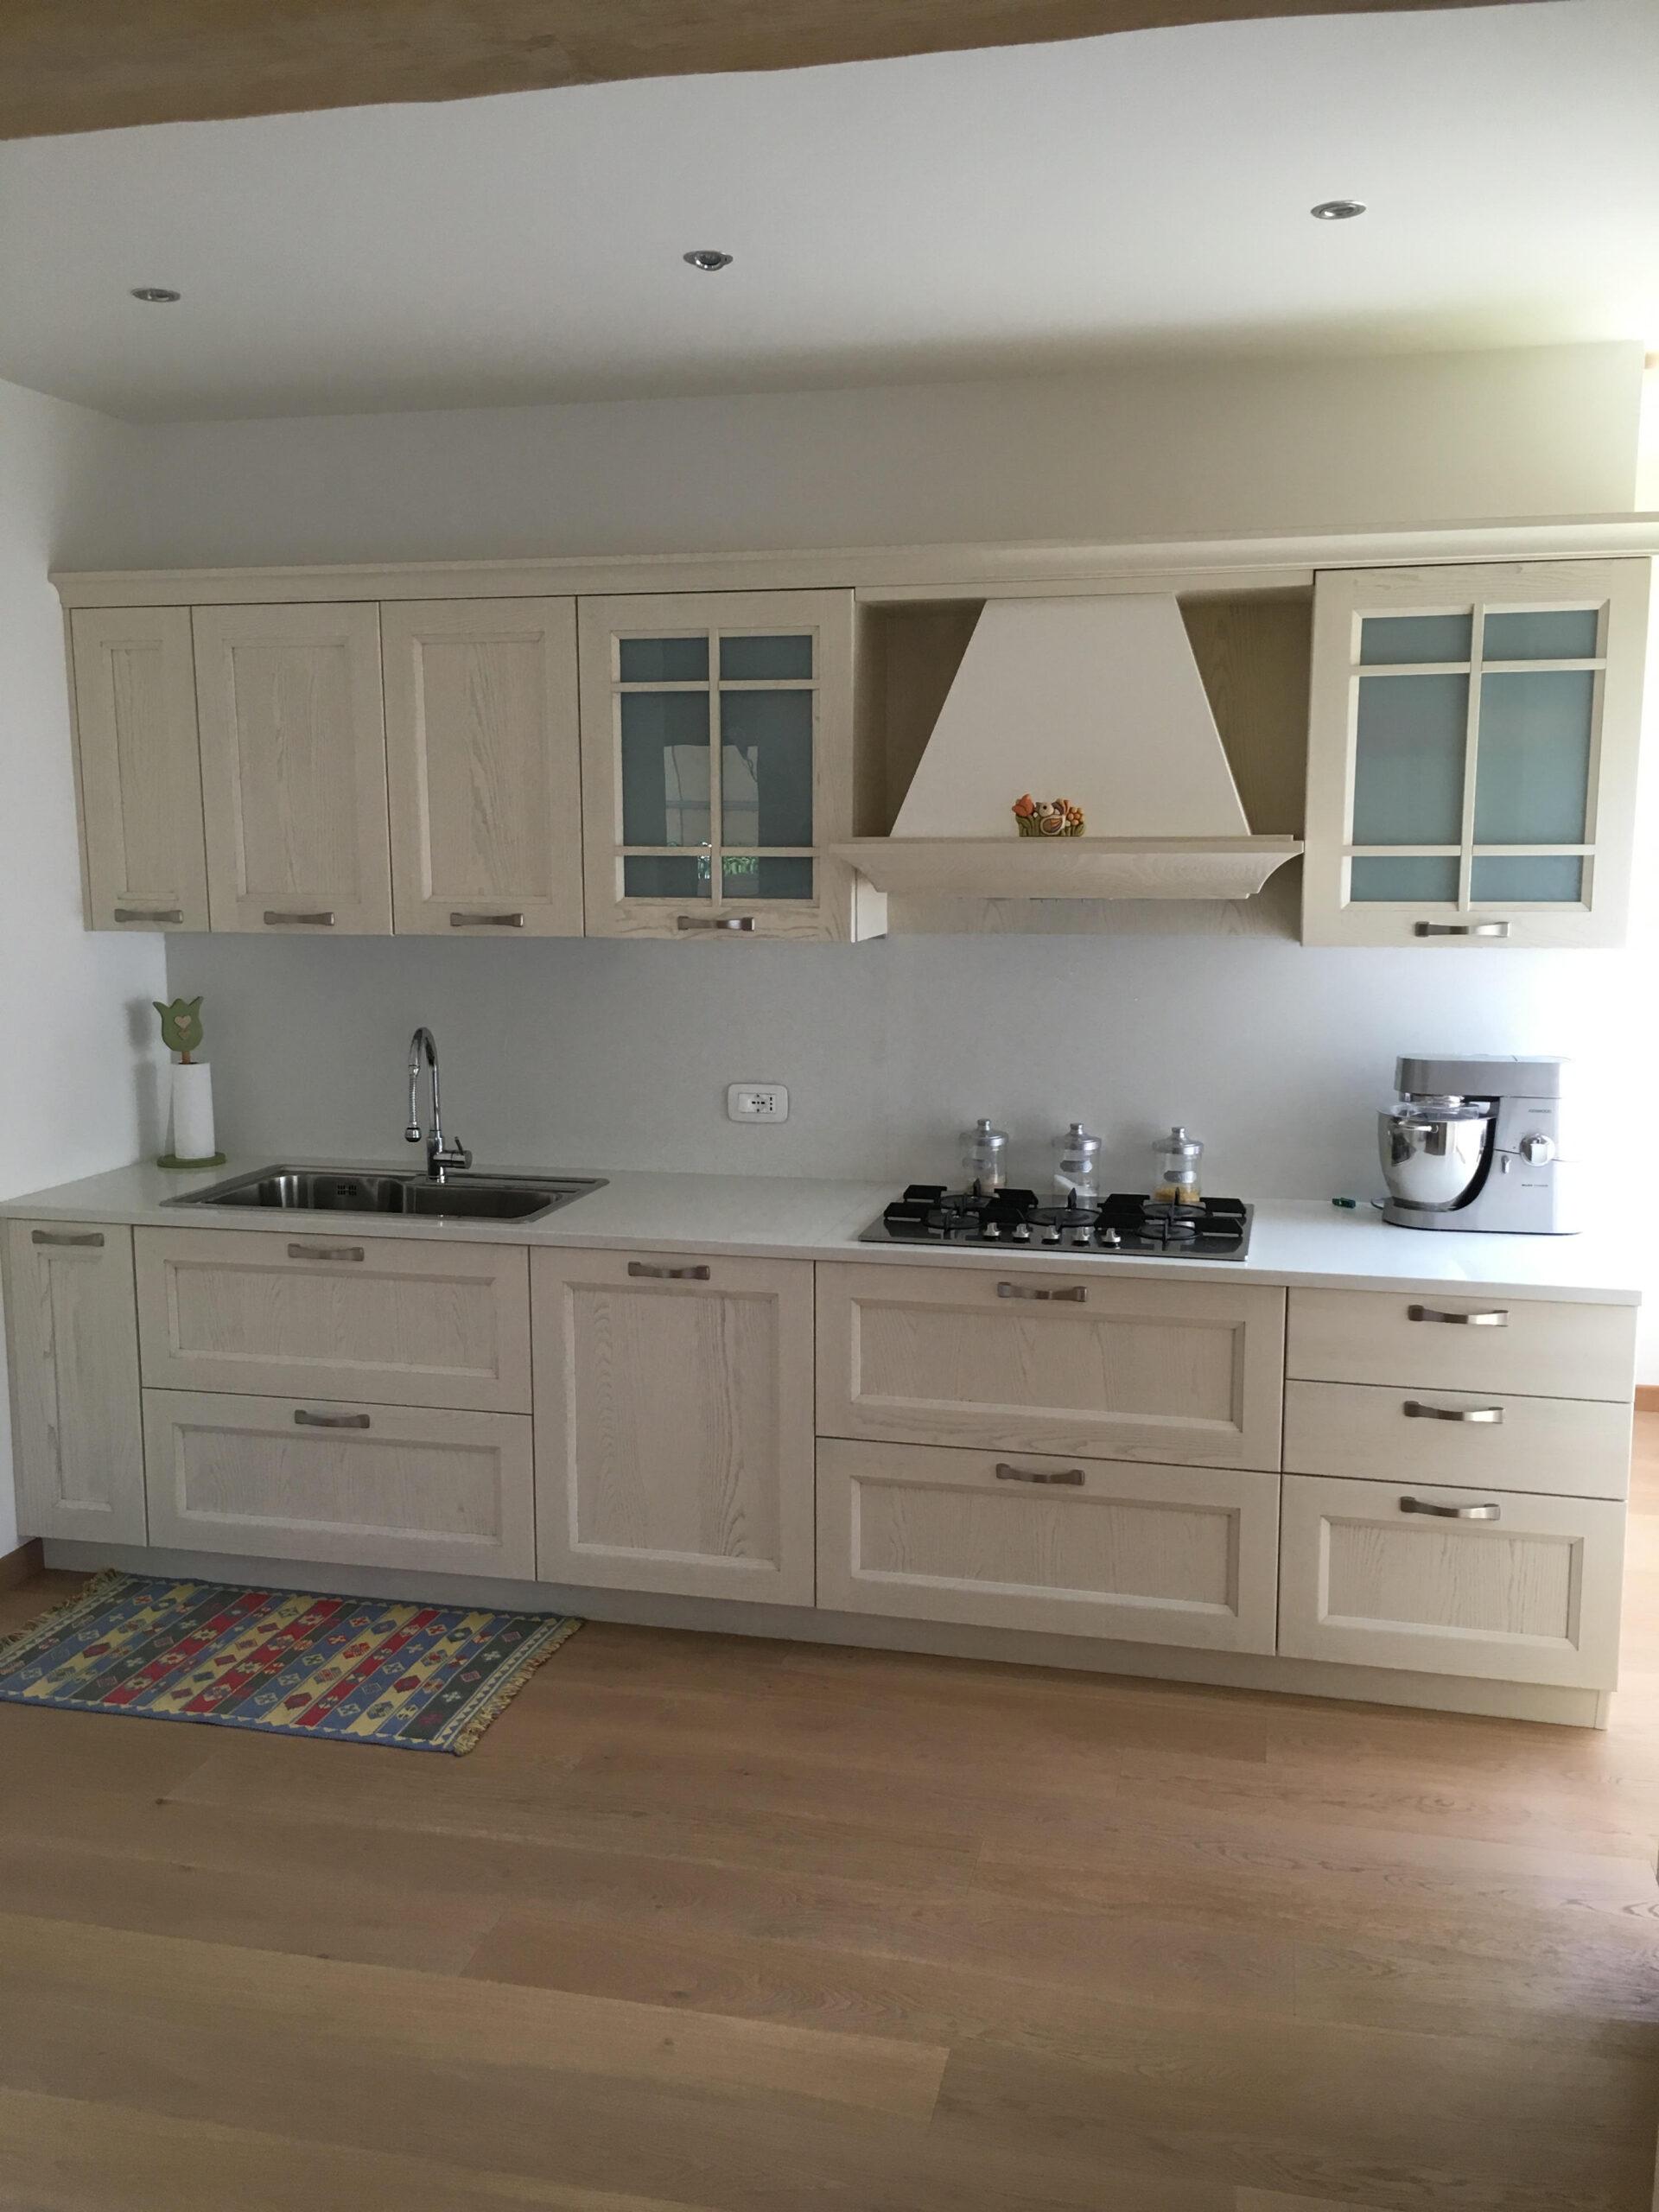 Cucina modello village decap ad alano di piave stanza per stanza - Piano cucina quarzo ...